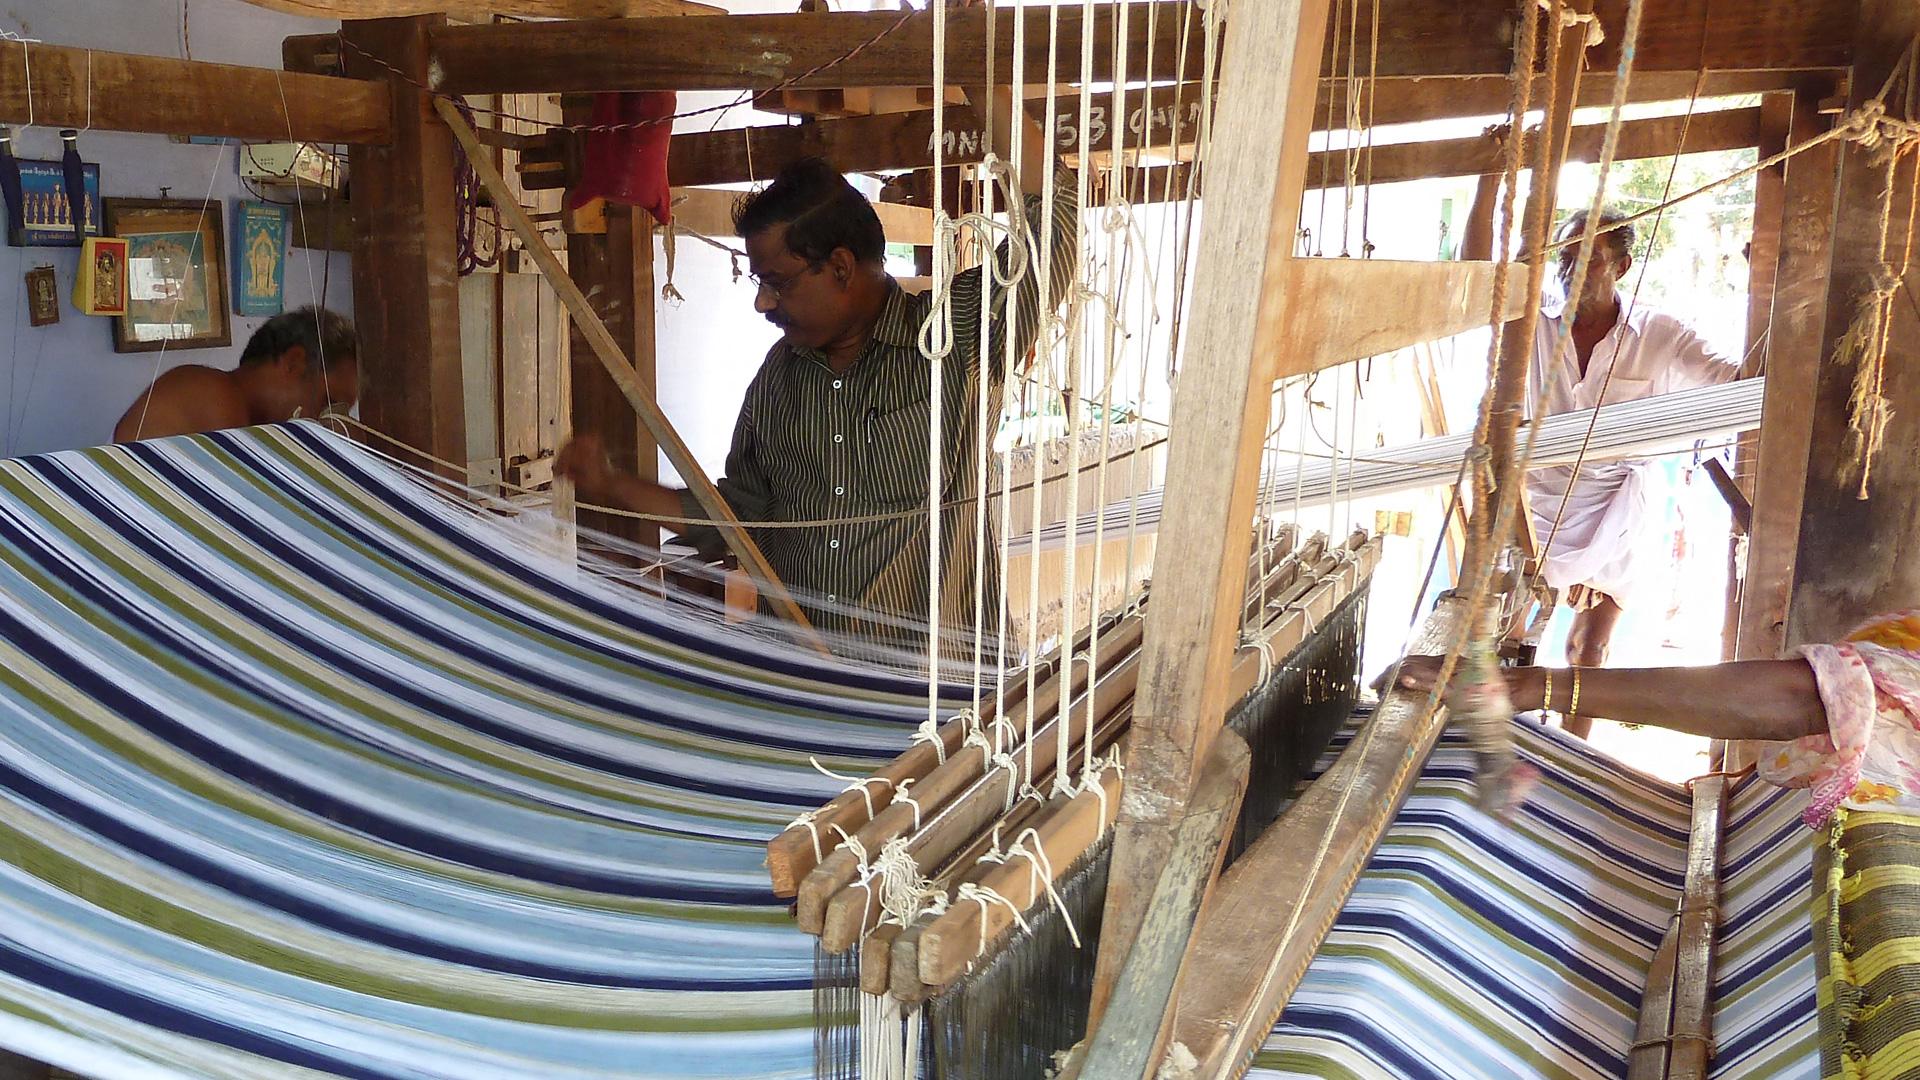 Traditionelles Handwerk: Unser Partner CO-OPTEX aus Indien hält an der traditionellen Handweberei fest: Alle Produkte im Bereich Wohntextilien sind Flachgewebe in Leinwand-bindung (z. B. Geschirrtücher) Leinwandbindung gilt als die älteste und auch einfachste Bindungsart.